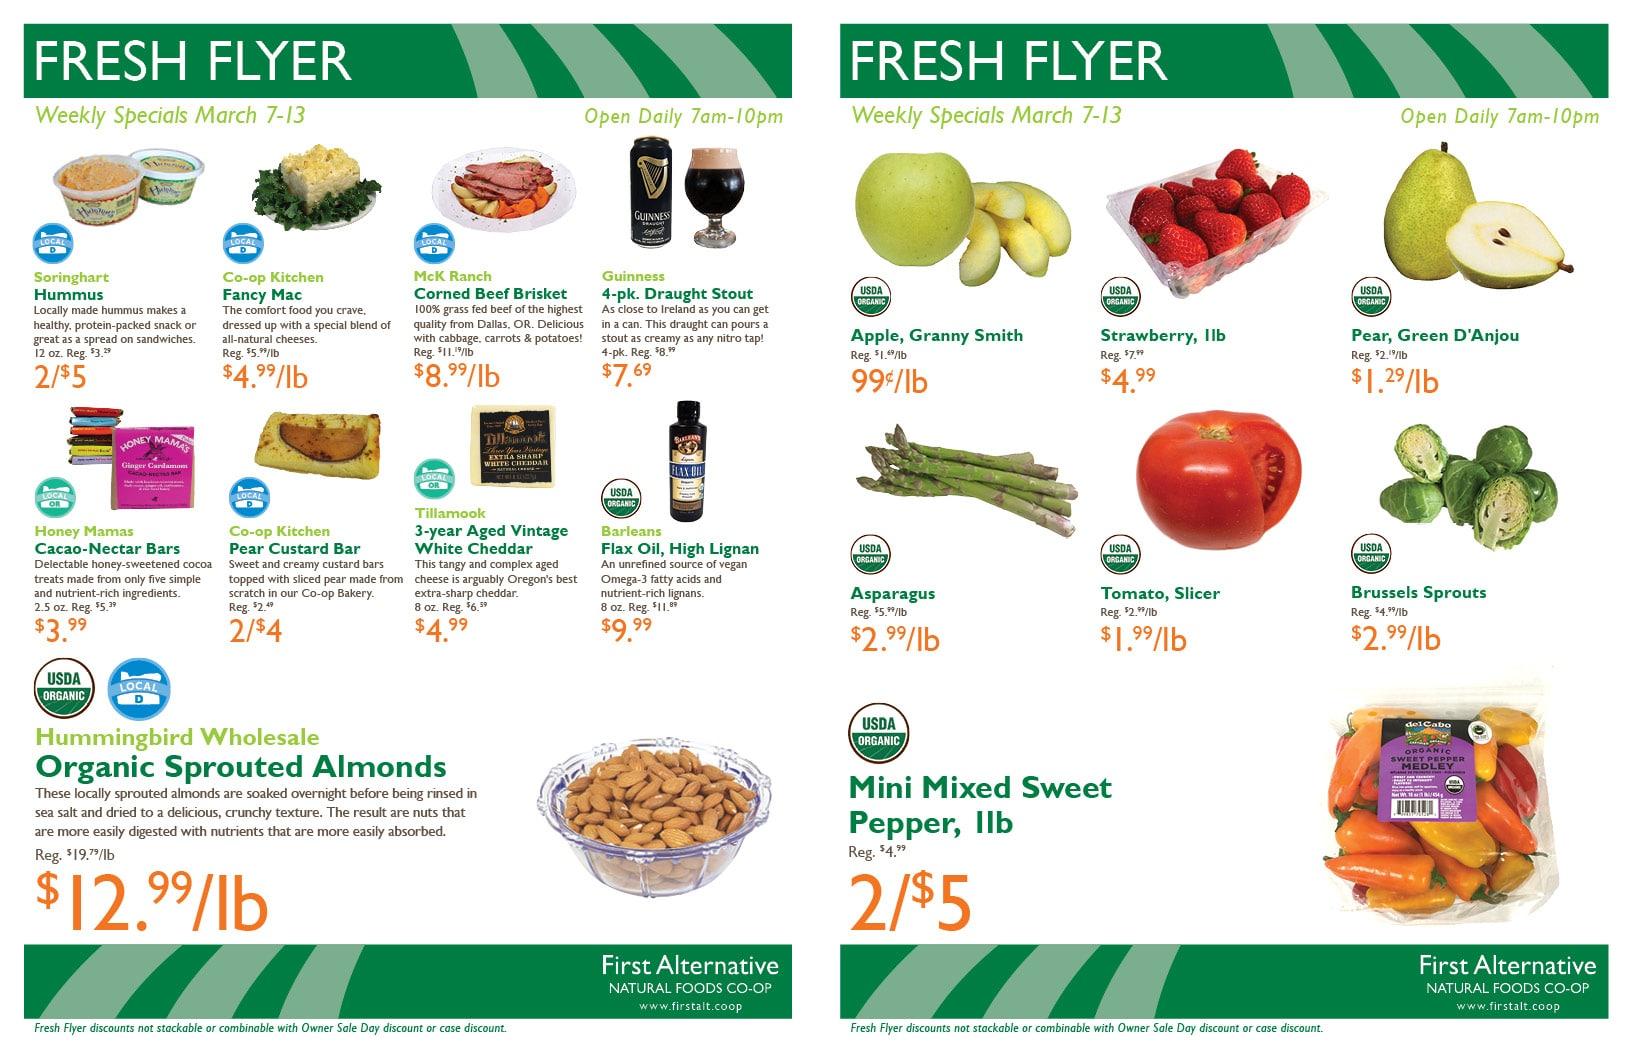 First Alternative Fresh Flyer 2018 Mar 7-13